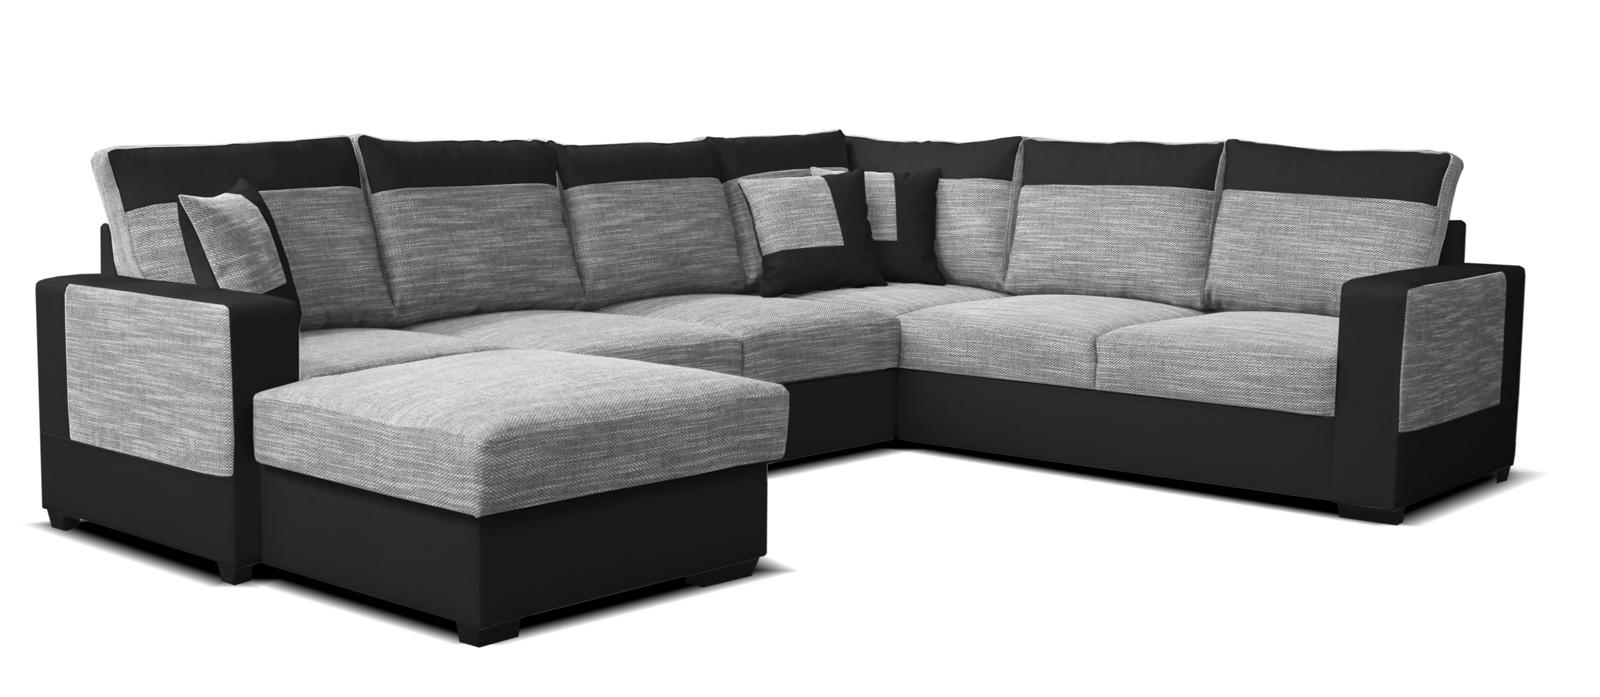 Rohová sedací souprava U - Po-Sed - Mega L+2F+A+2 (šedá + černá) (L)